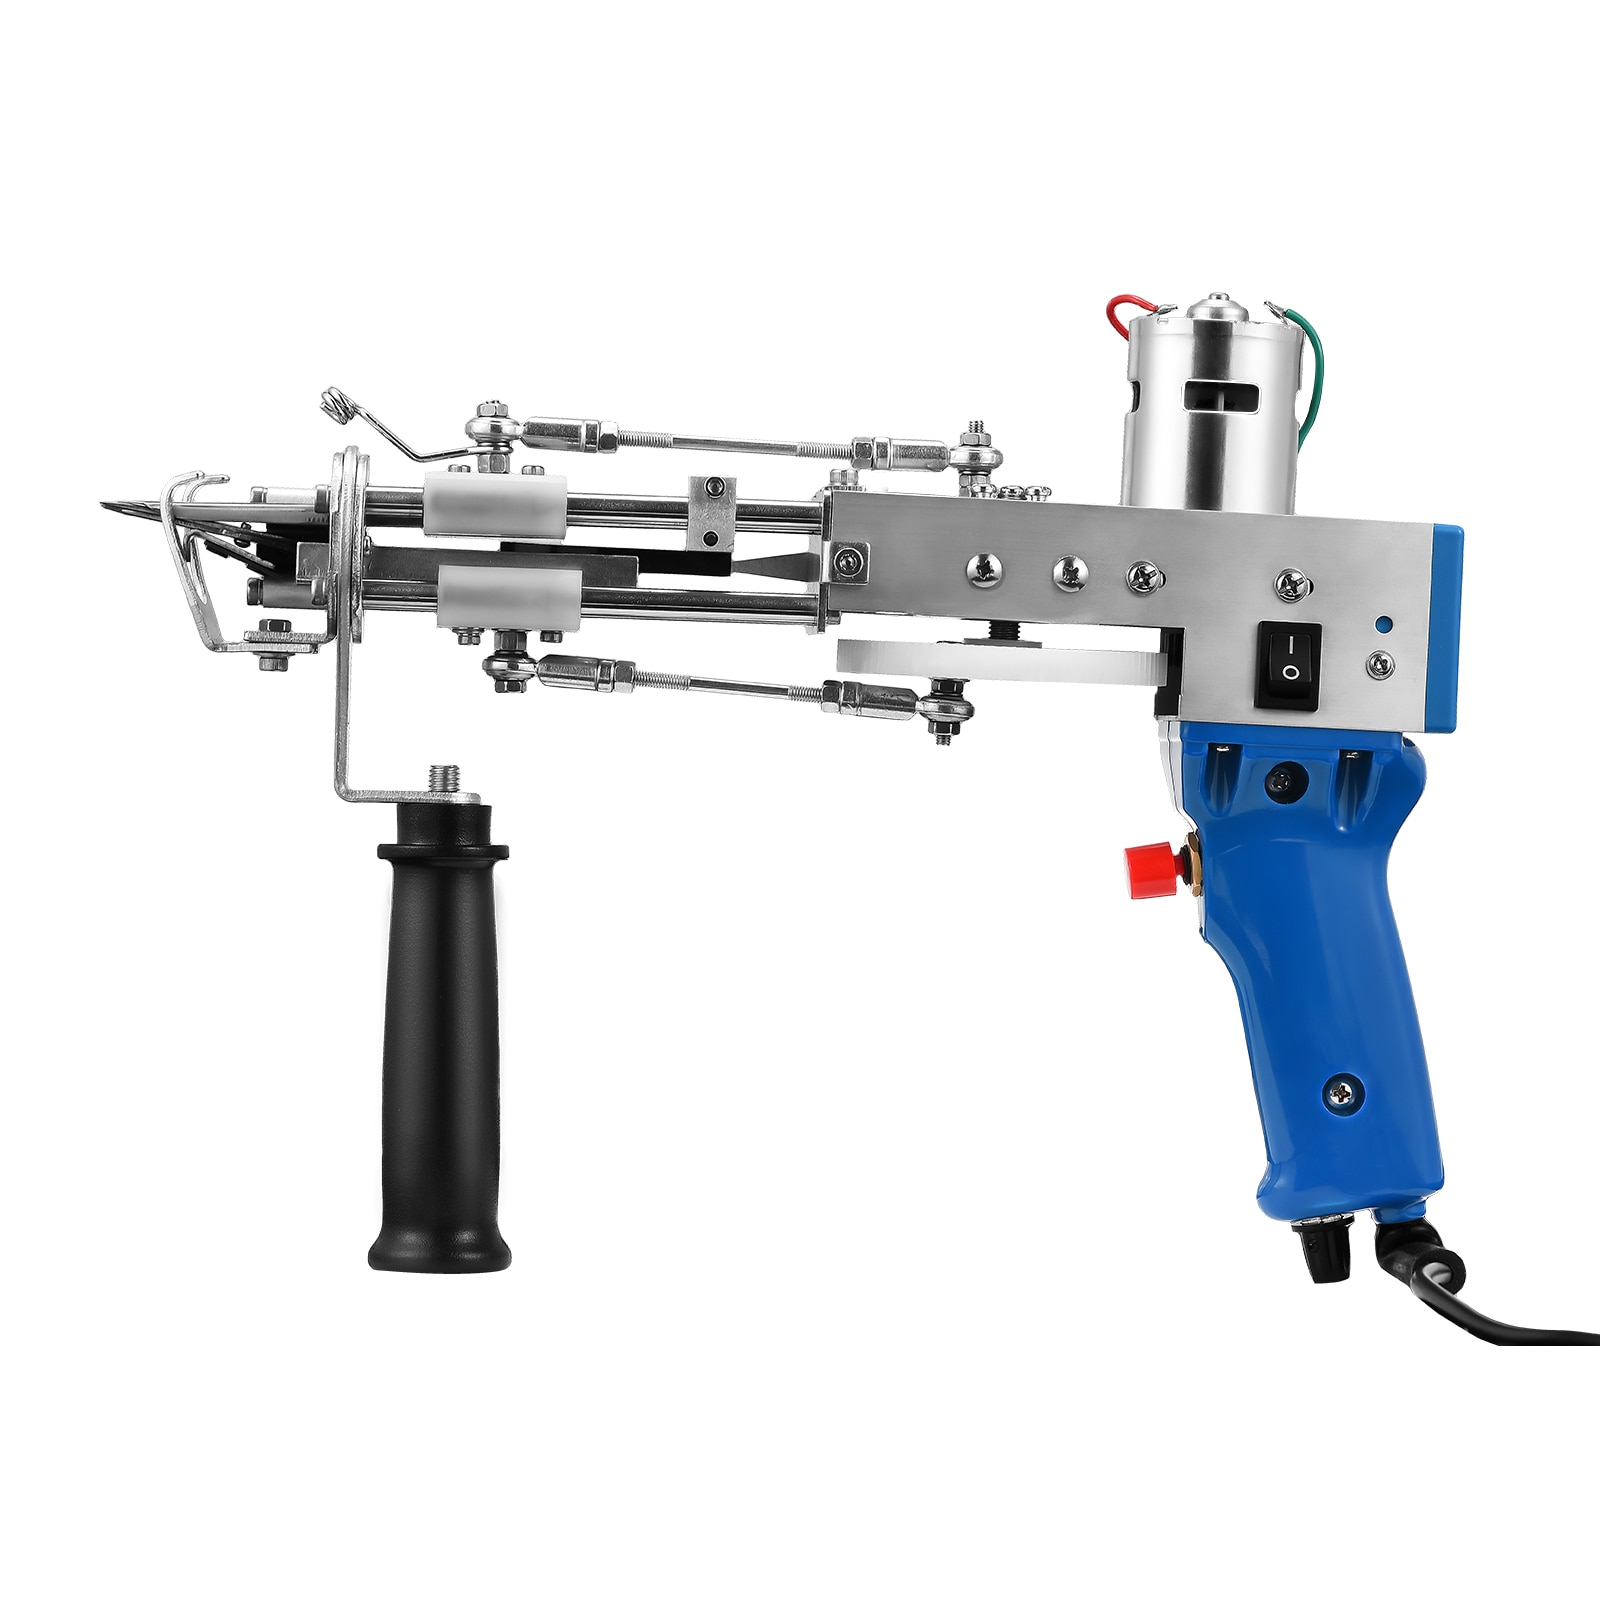 Electric Carpet Tufting Gun Cut Pile Loop Pile Hand Gun Portable Rug Weaving Flocking Machines 220V Carpet Weaving Tufting Gun enlarge